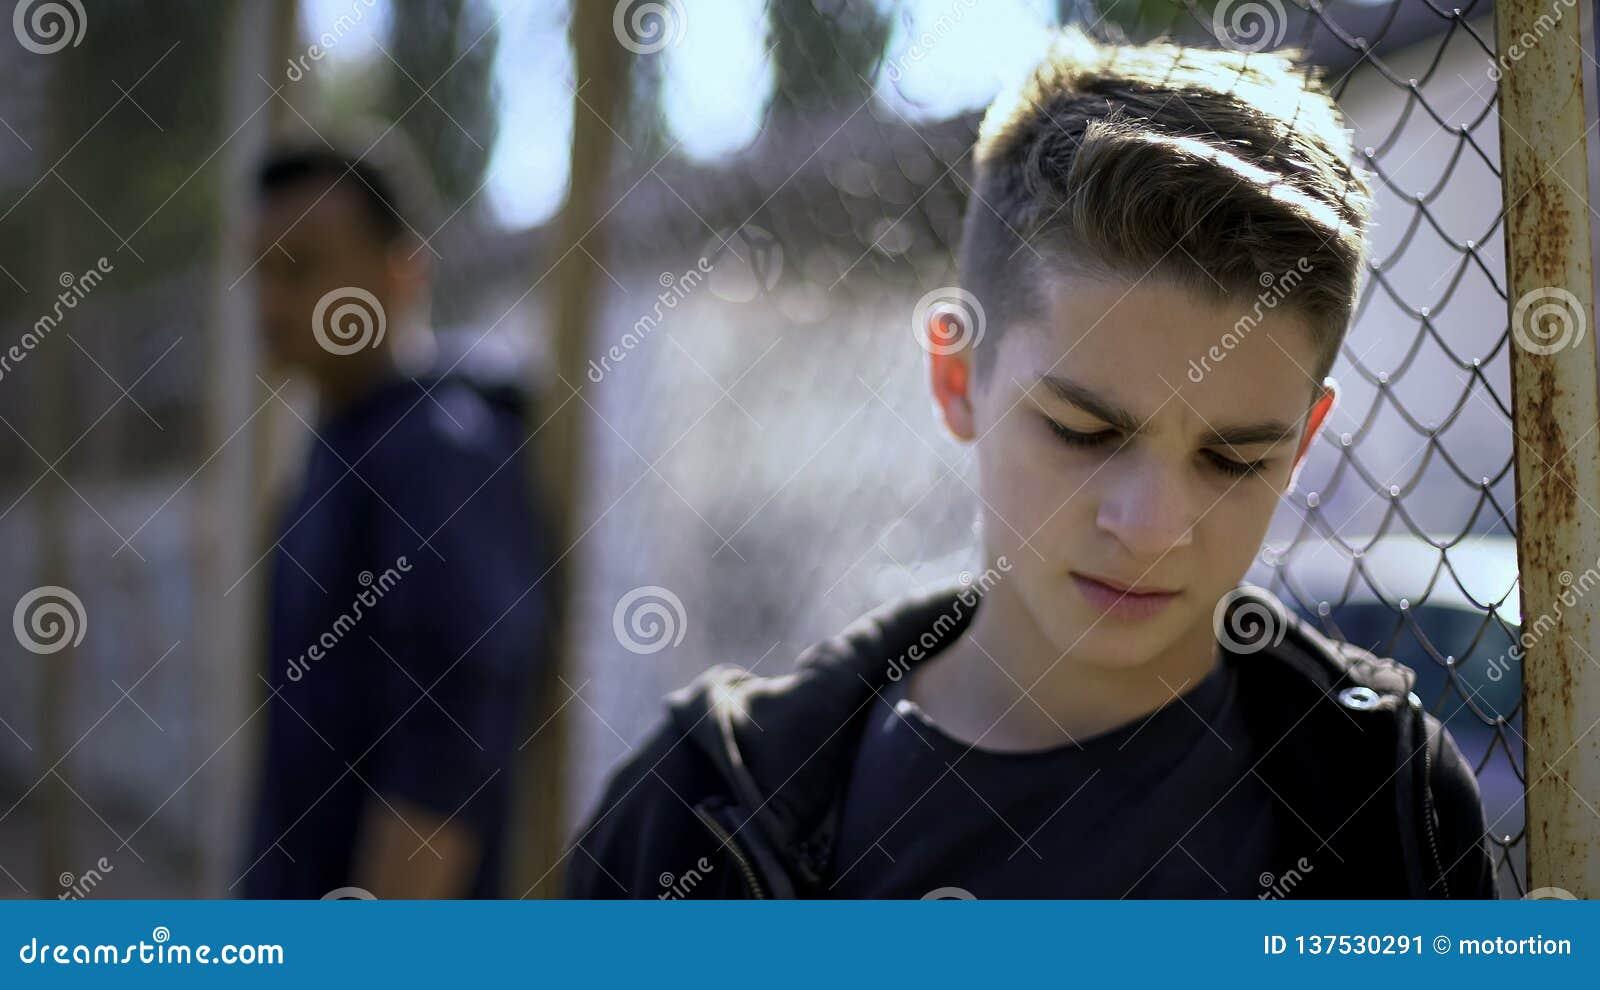 De verstoorde tienerjongens die op metaal leunen schermen, verlaten met de maatschappij, weeshuis